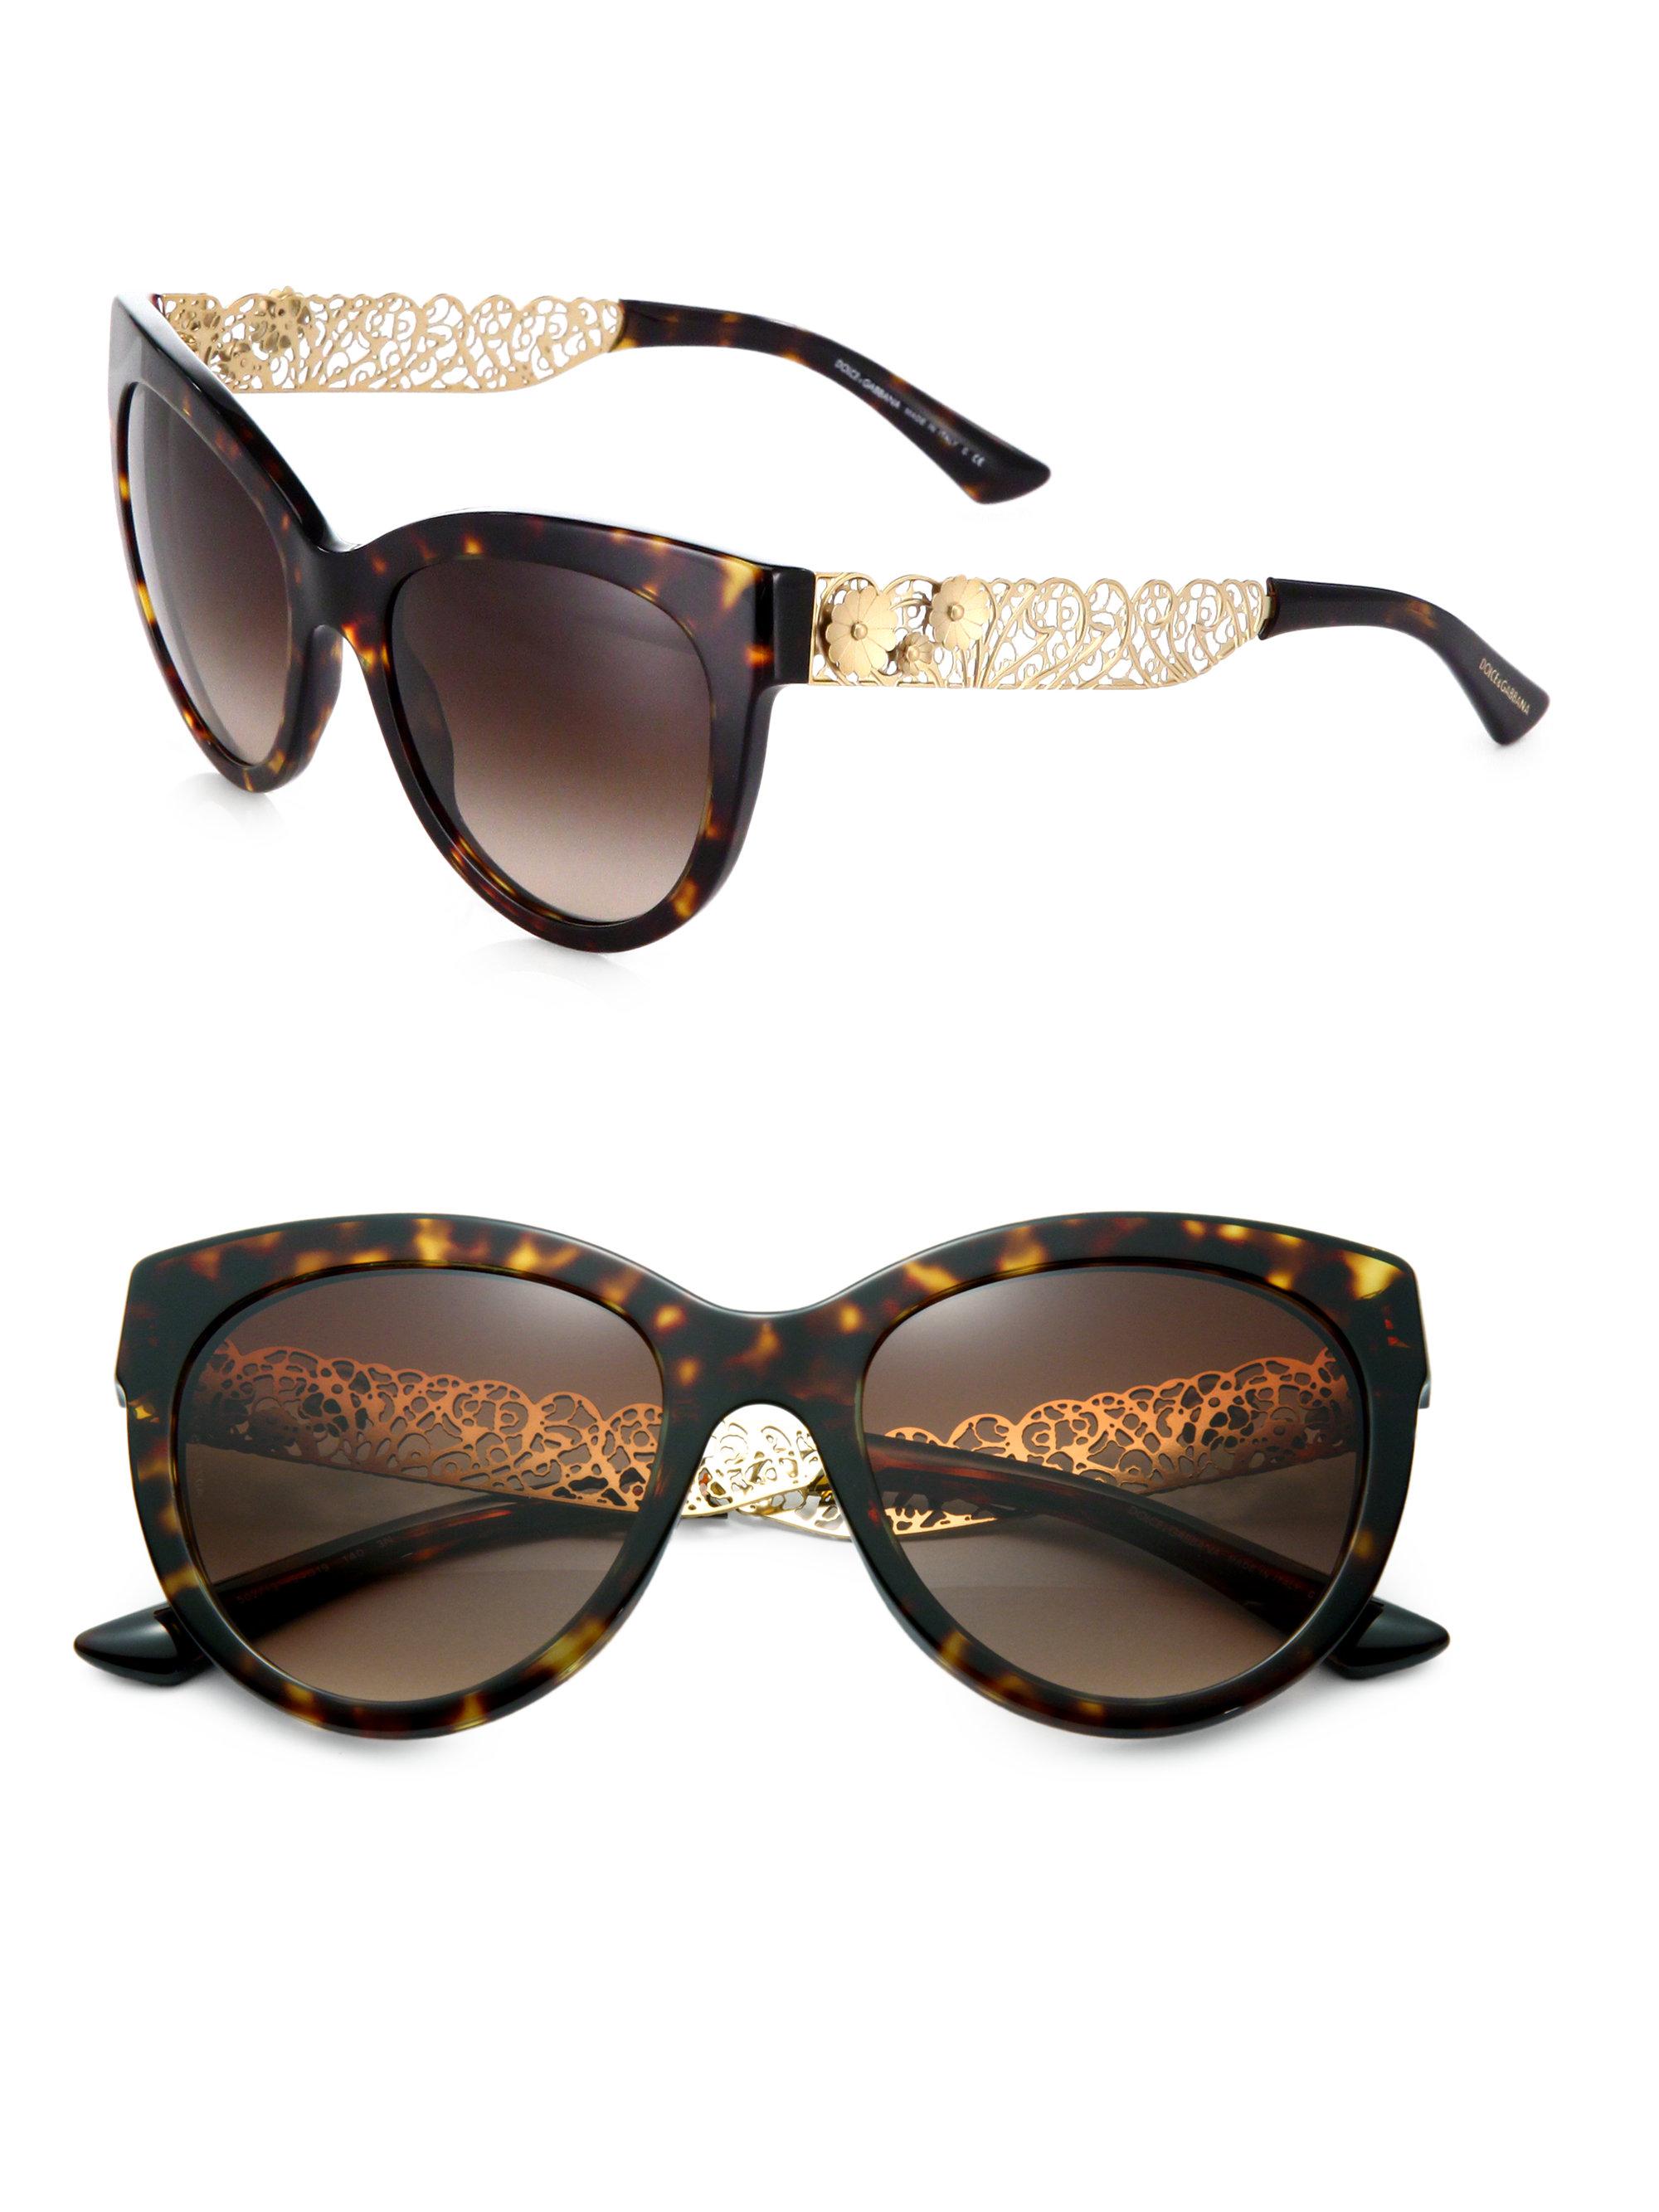 35b42ba49a Dolce   Gabbana Garden Flowers Cat s-eye Sunglasses - Bitterroot ...